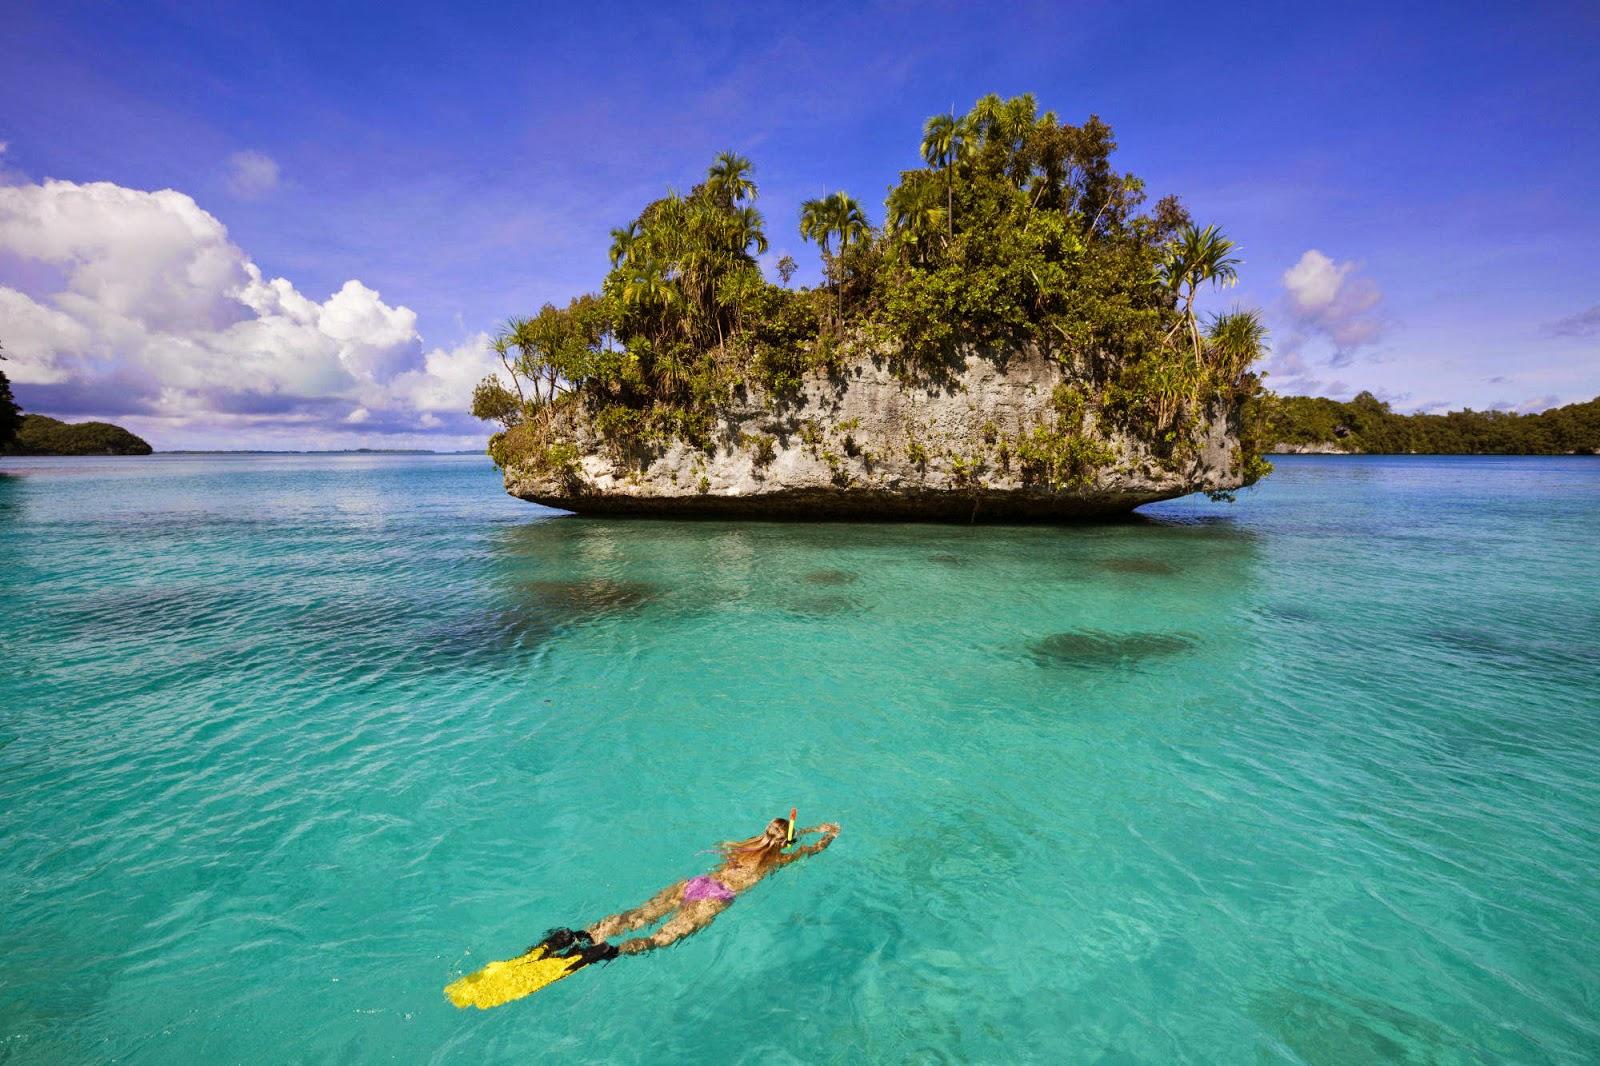 Os 10 lugares mais lindos do planeta